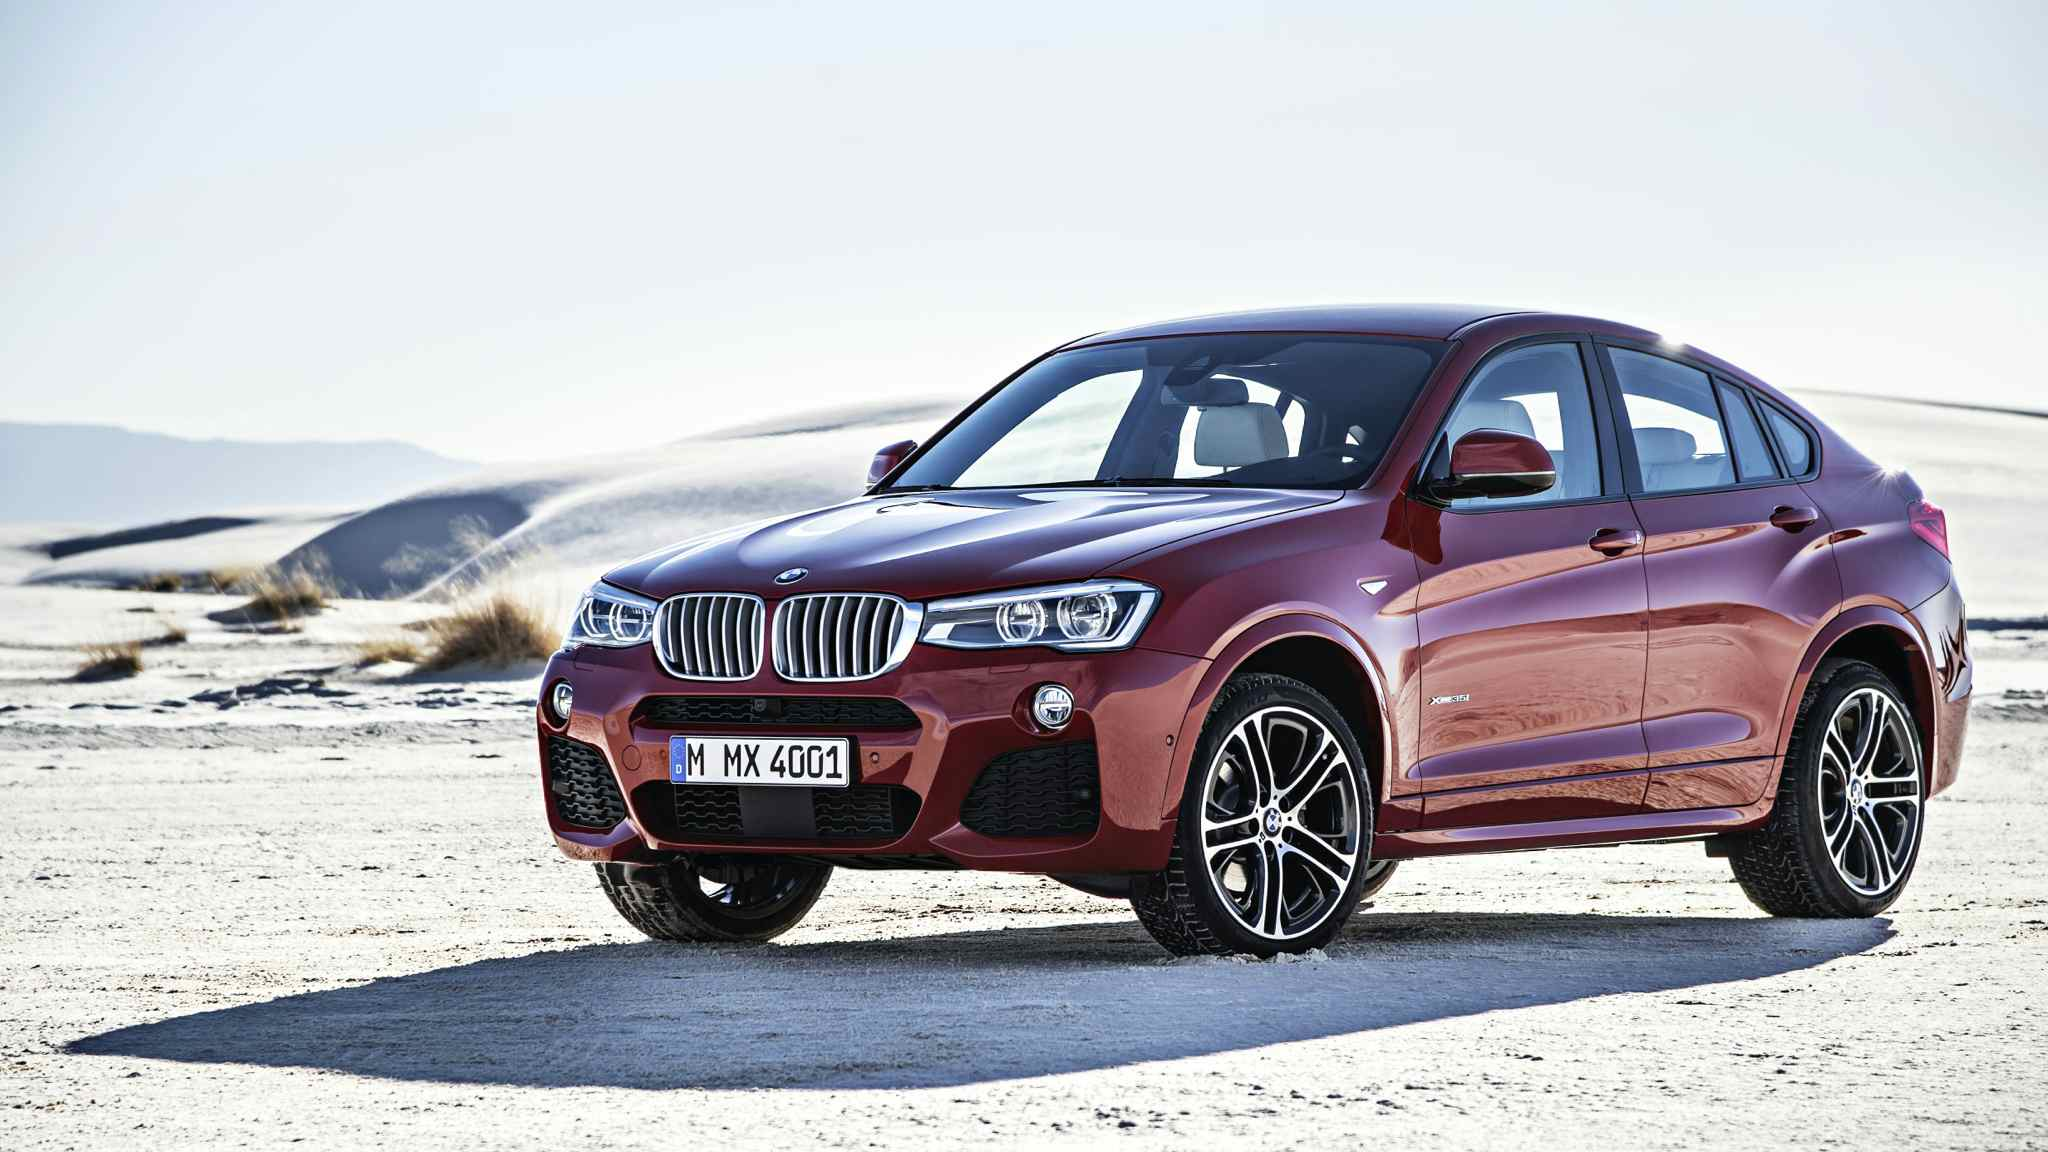 BMW X4: Preise und Motoren des neuen Cross-Over SUVs